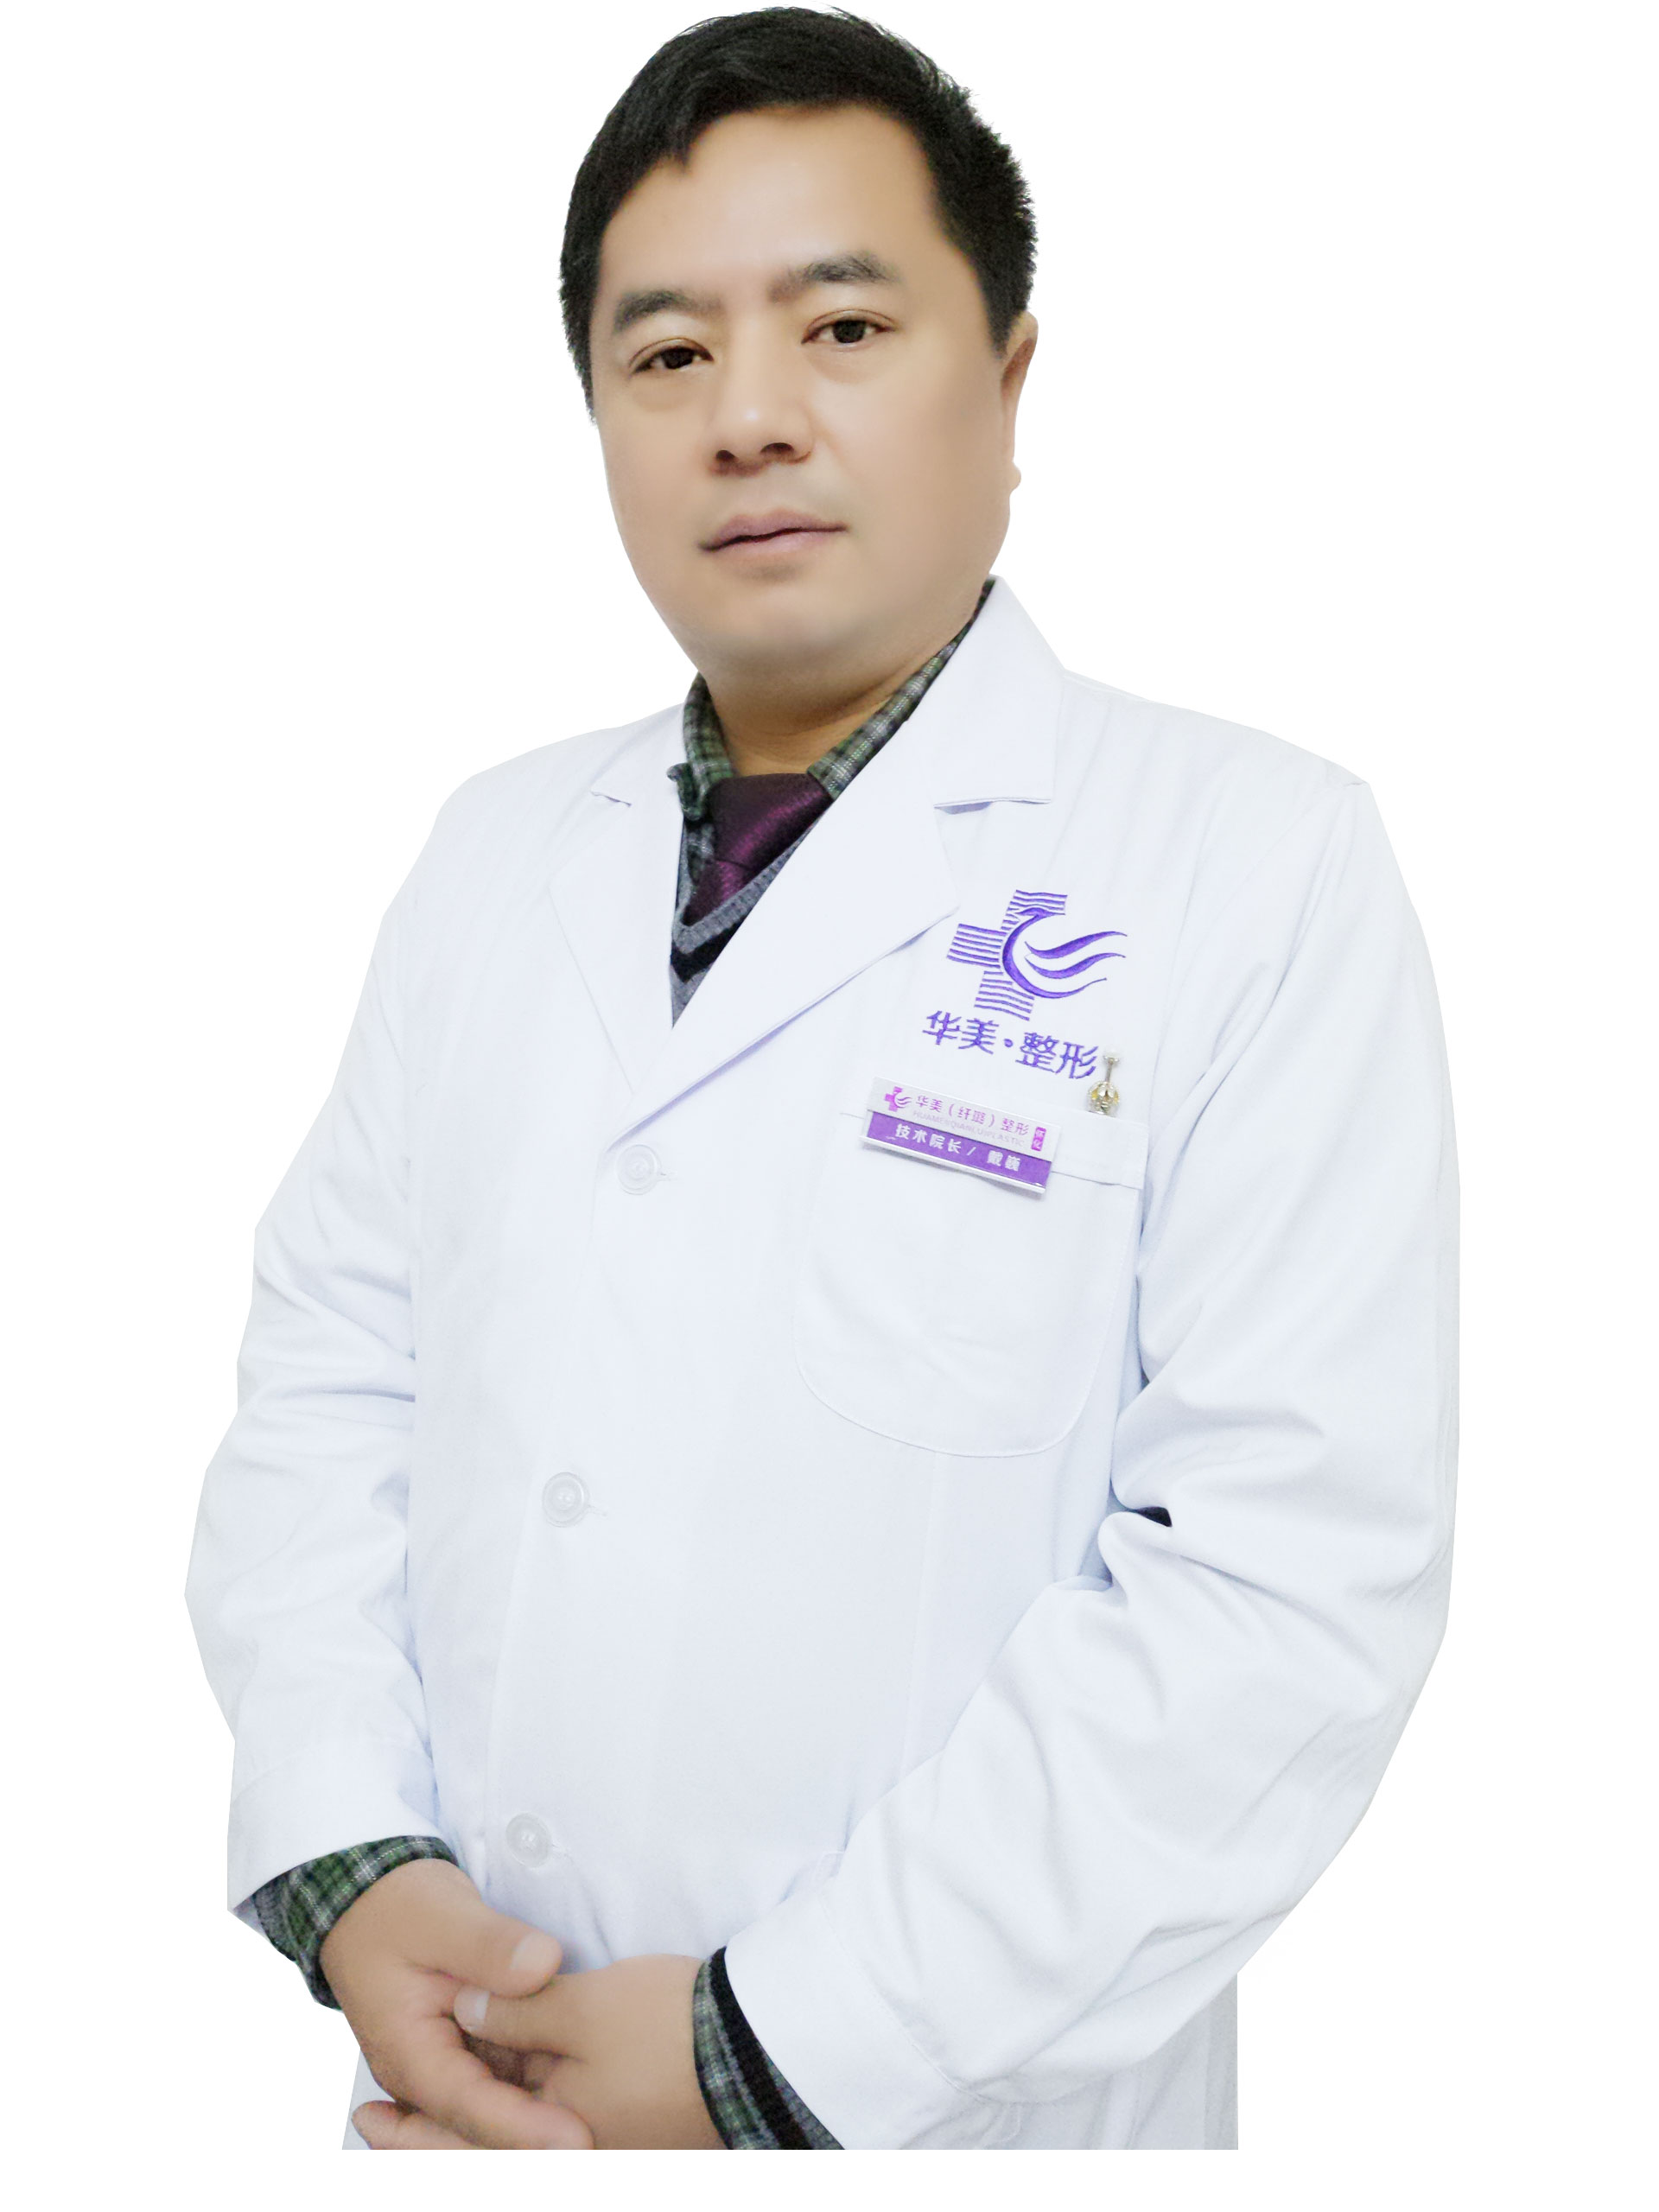 戴巍-整形美容医师